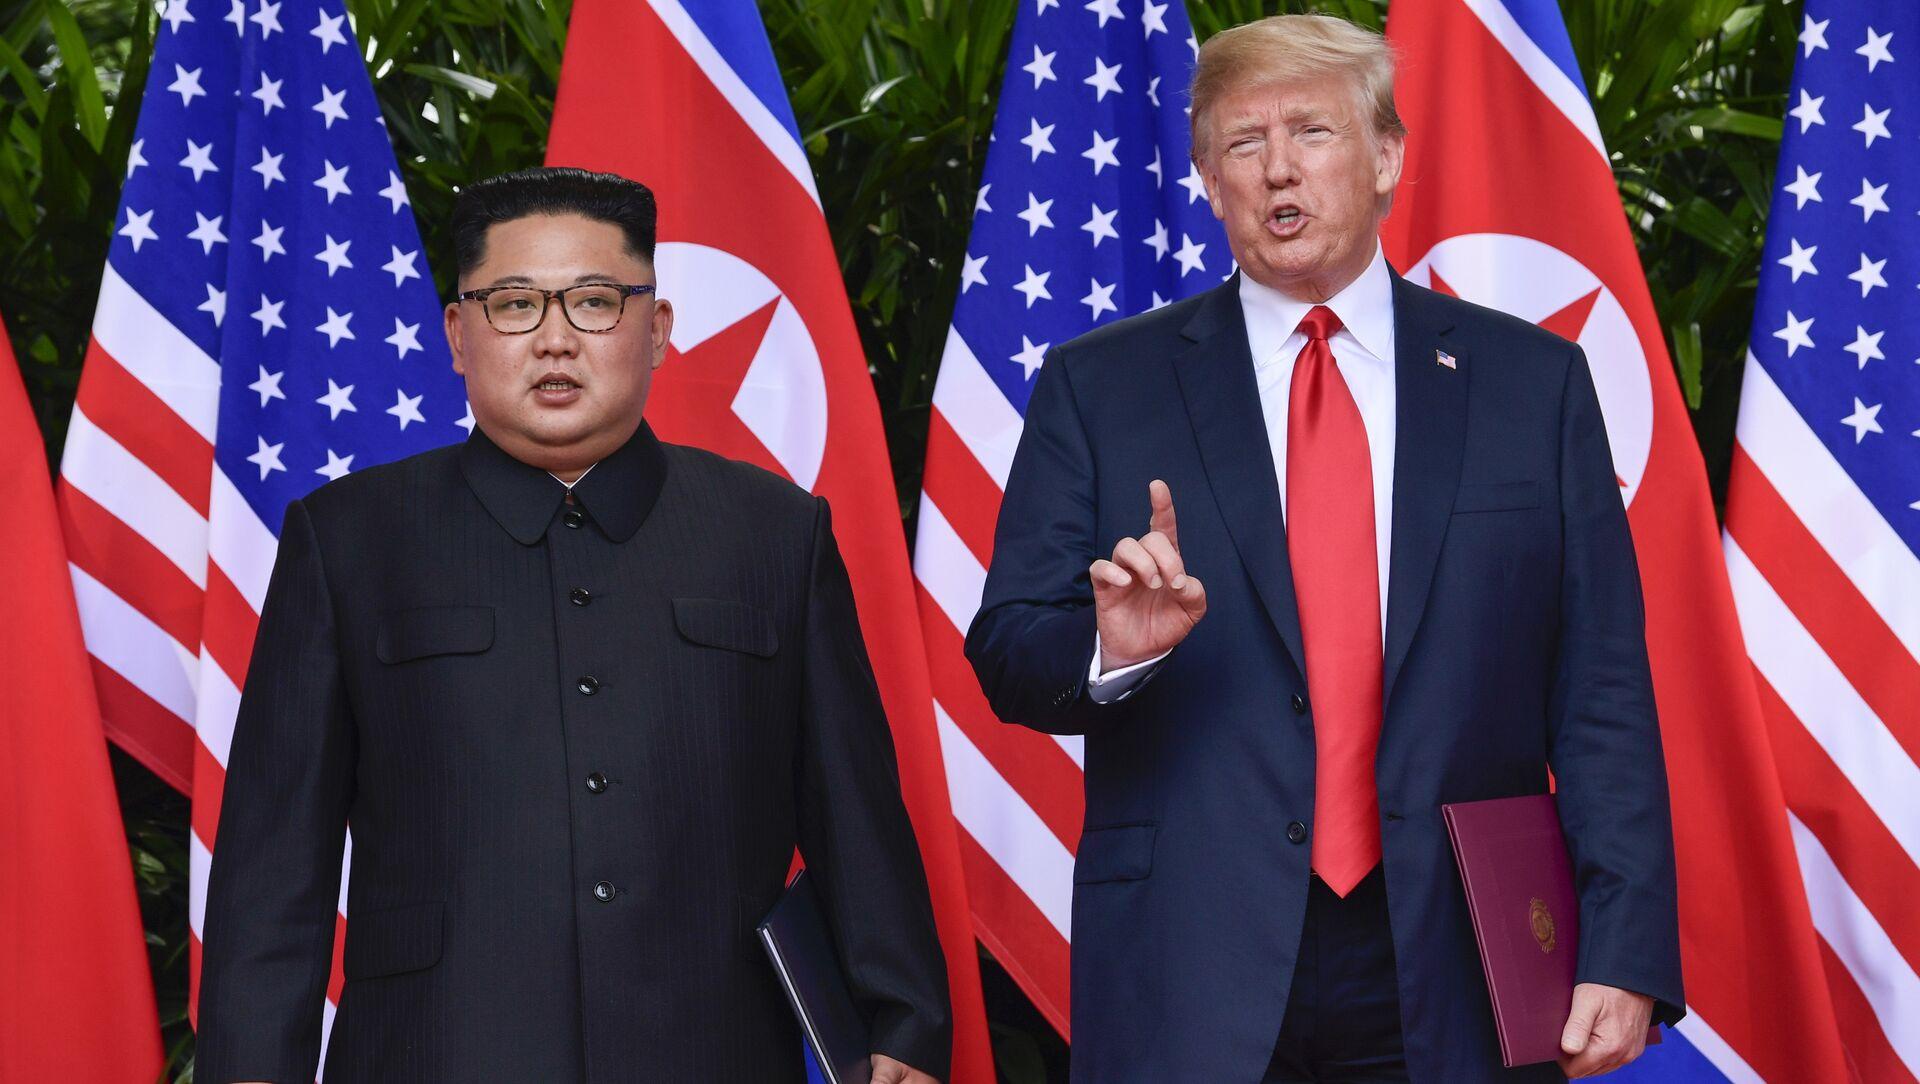 Negli USA prevedono la ripresa dei test missilistici in Corea del Nord - Sputnik Italia, 1920, 16.03.2021